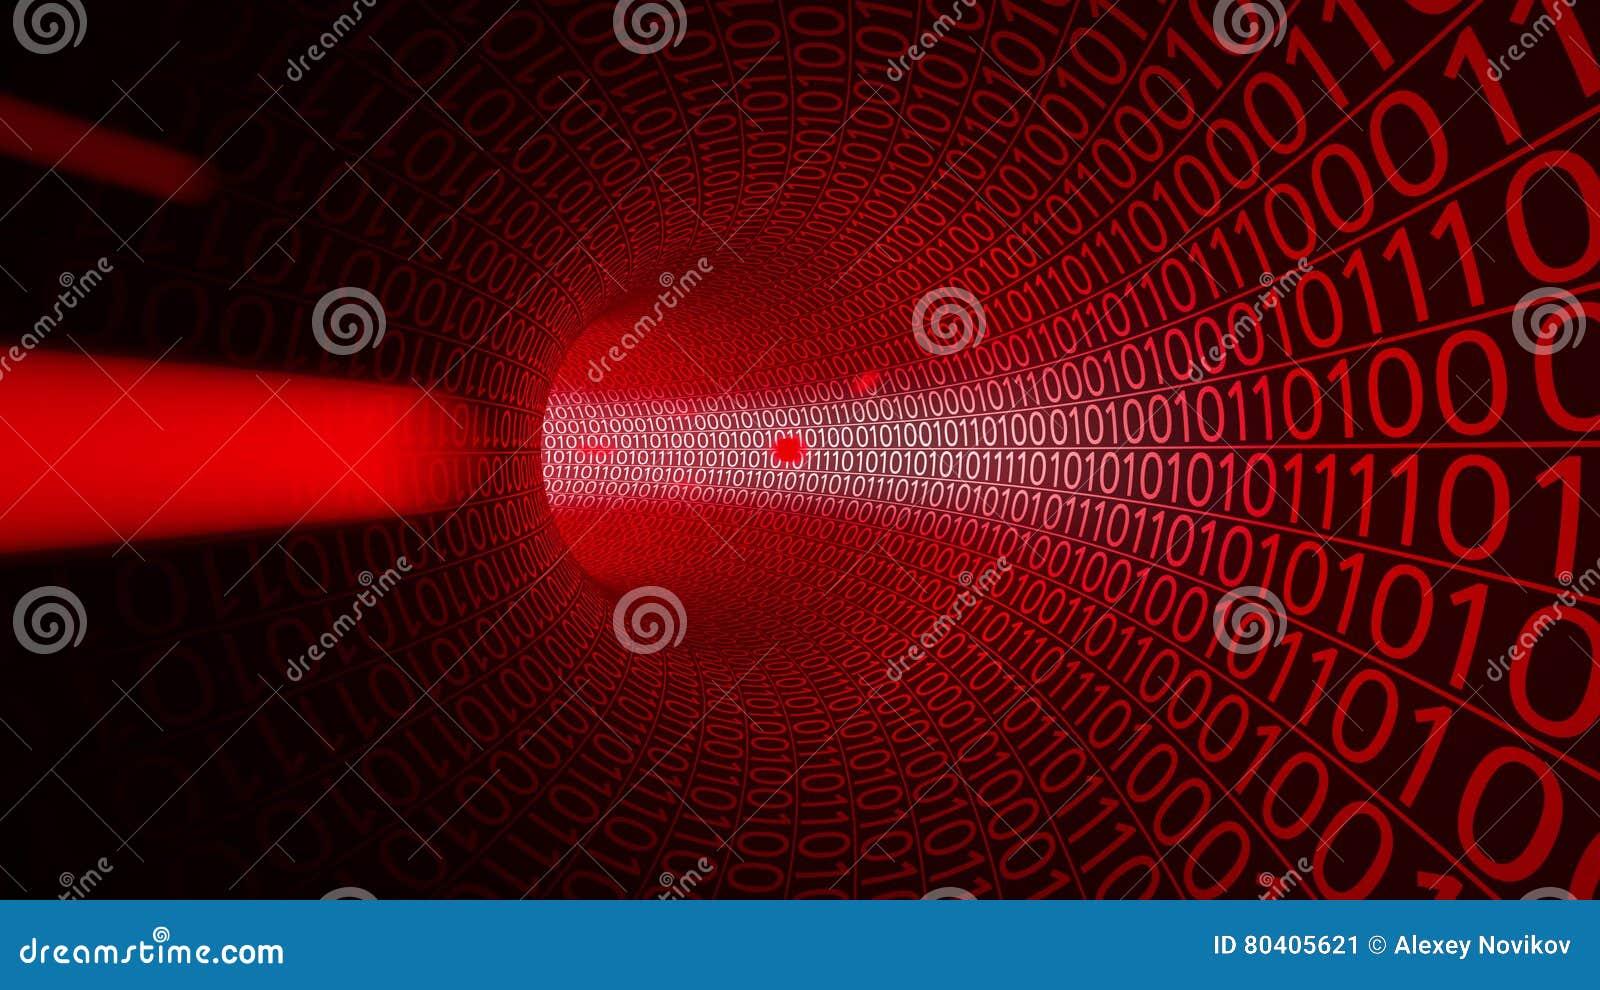 Pov-flyg till och med den abstrakta röda tunnelen som göras med noll och en hög bakgrund - tech En hackertheat, DDoS datorattack